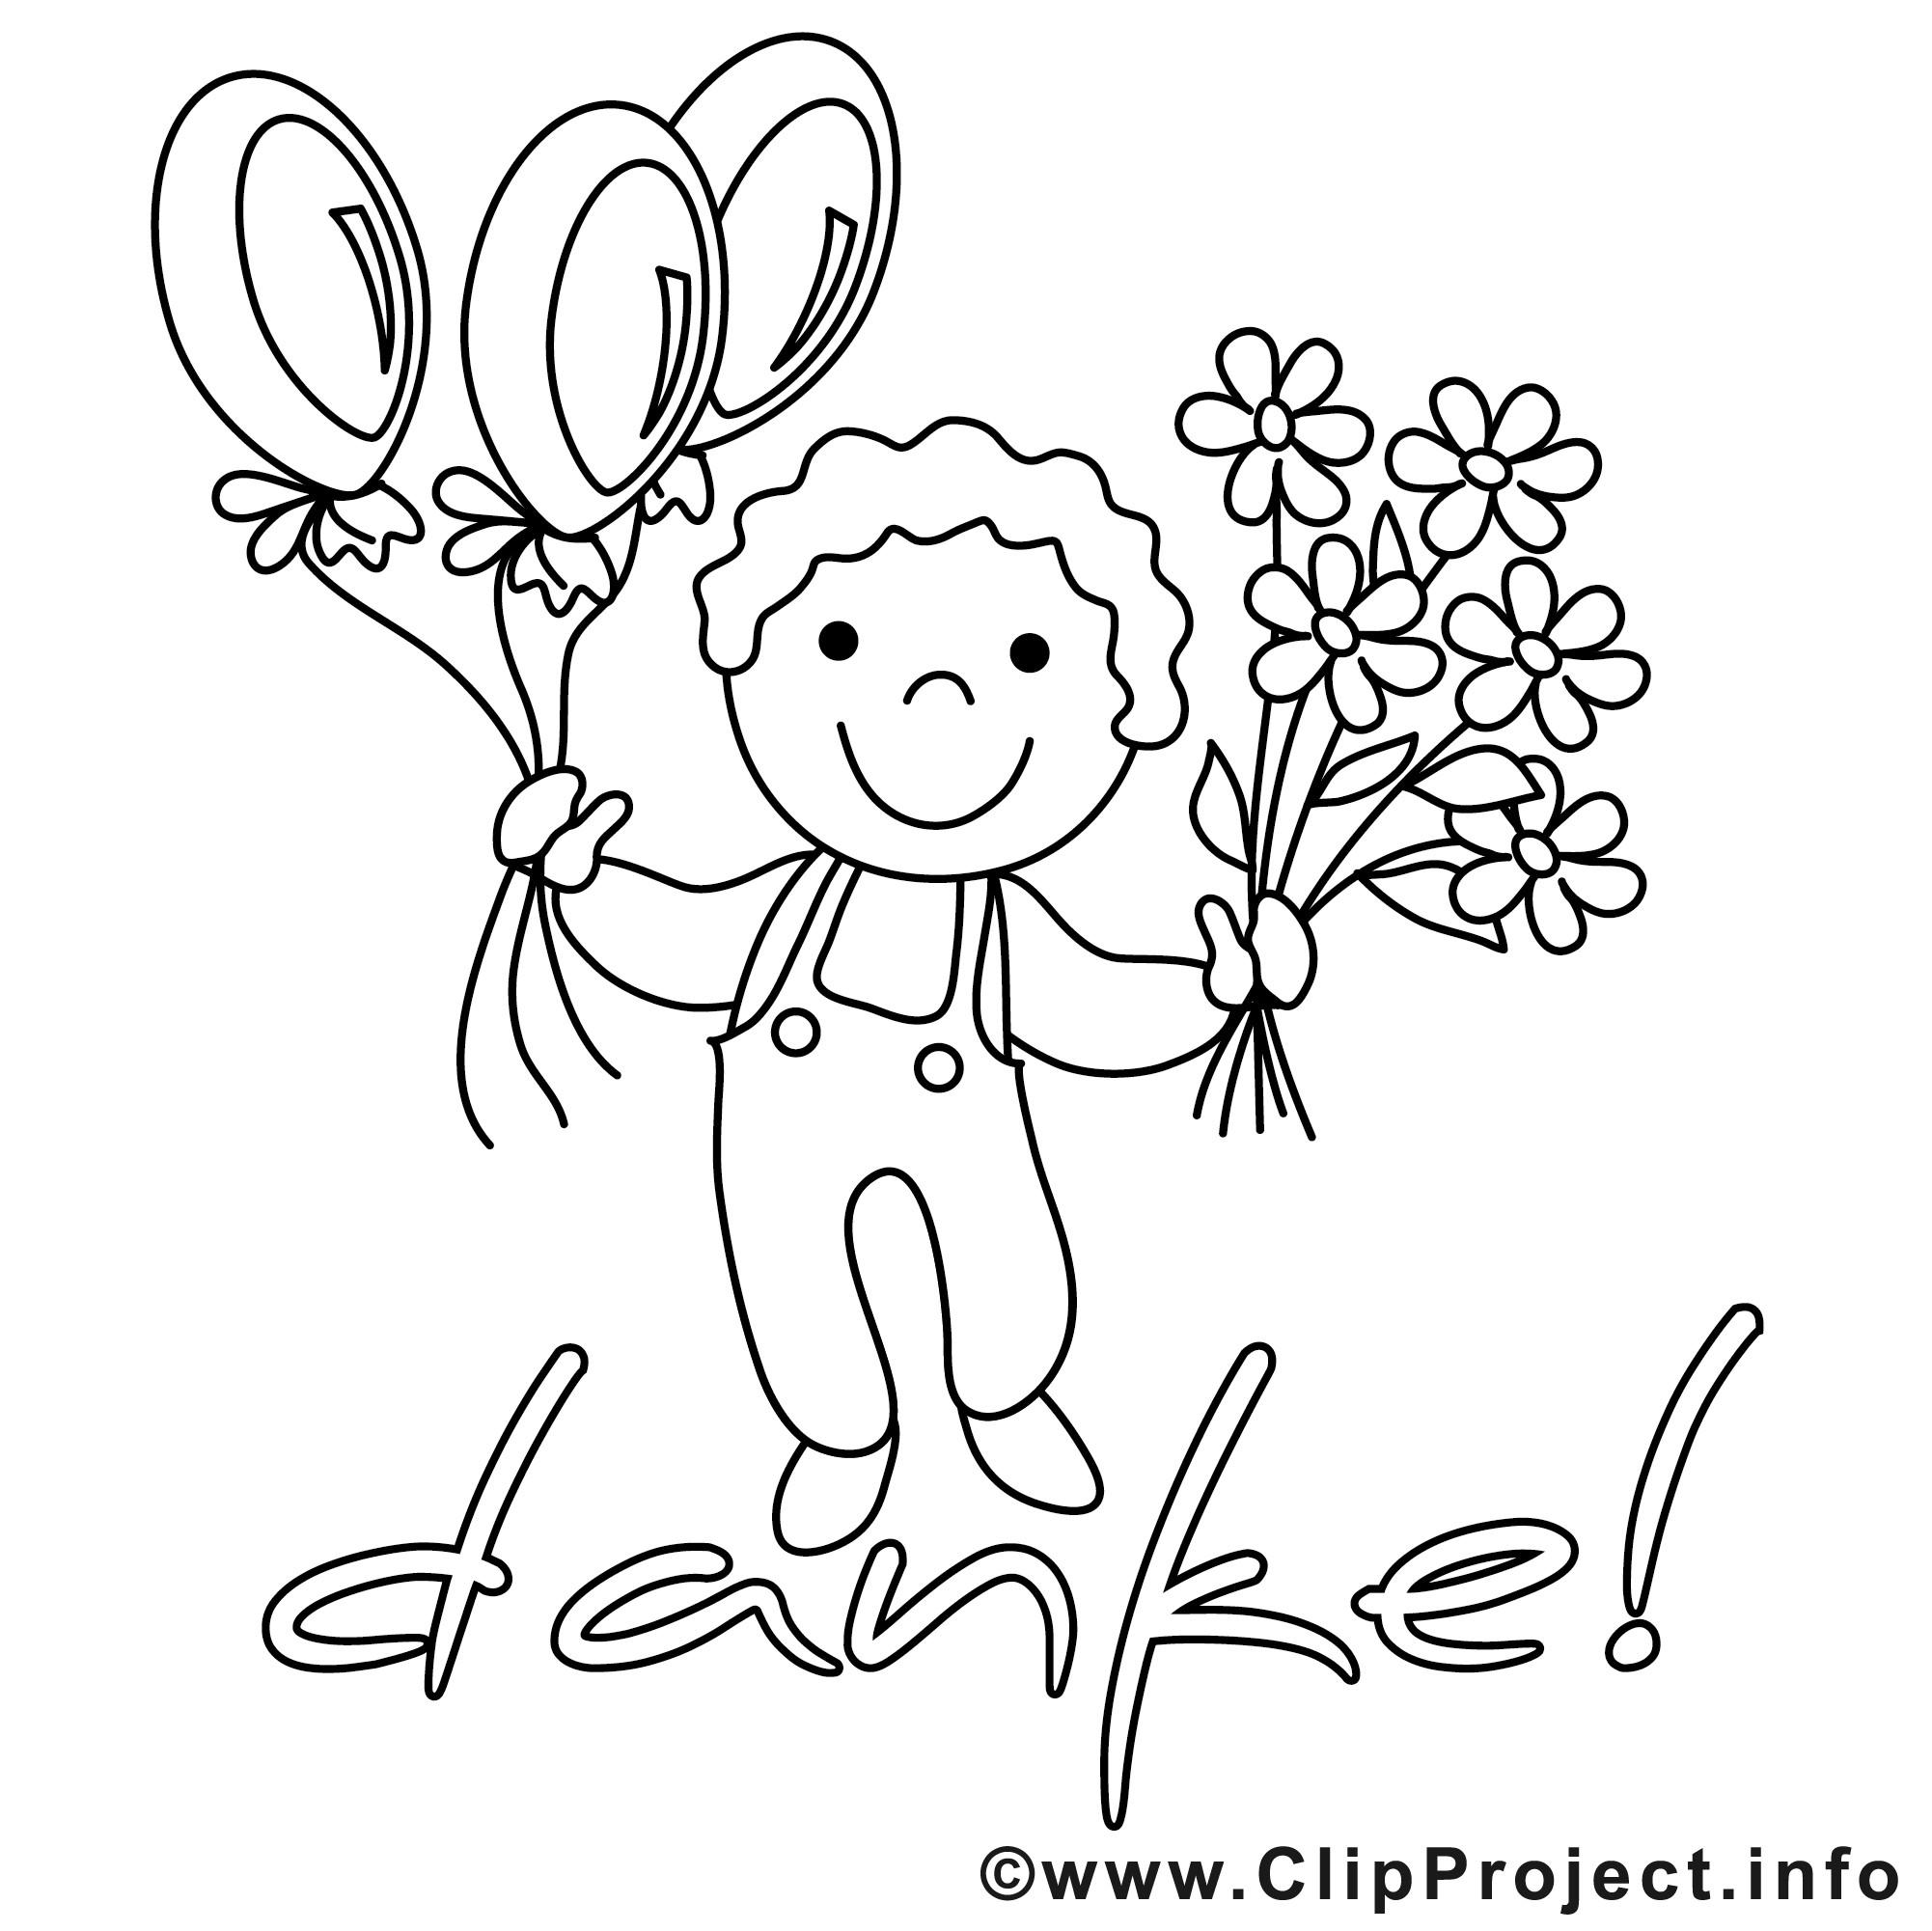 Malvorlagen Drucken  Kinder Malvorlagen zum Drucken Junge mit Luftballons